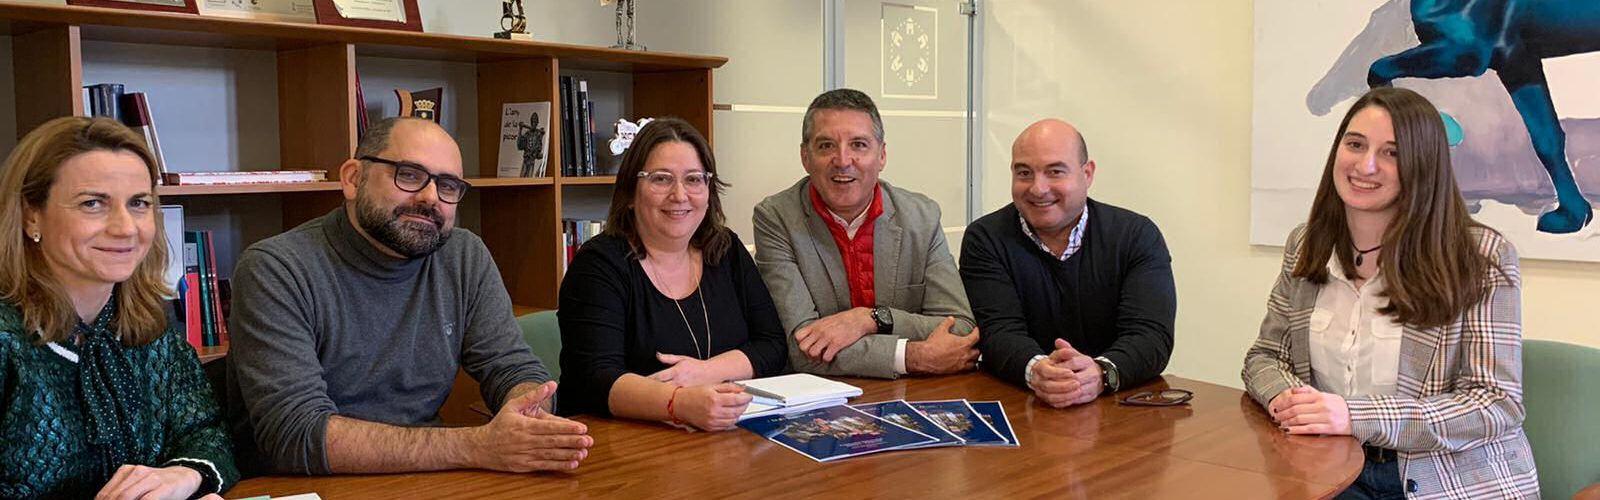 Les diputacions de Castelló, València, Tarragona, Barcelona, Lleida i Girona es reuneixen per reclamar l'impuls del Corredor del Mediterrani